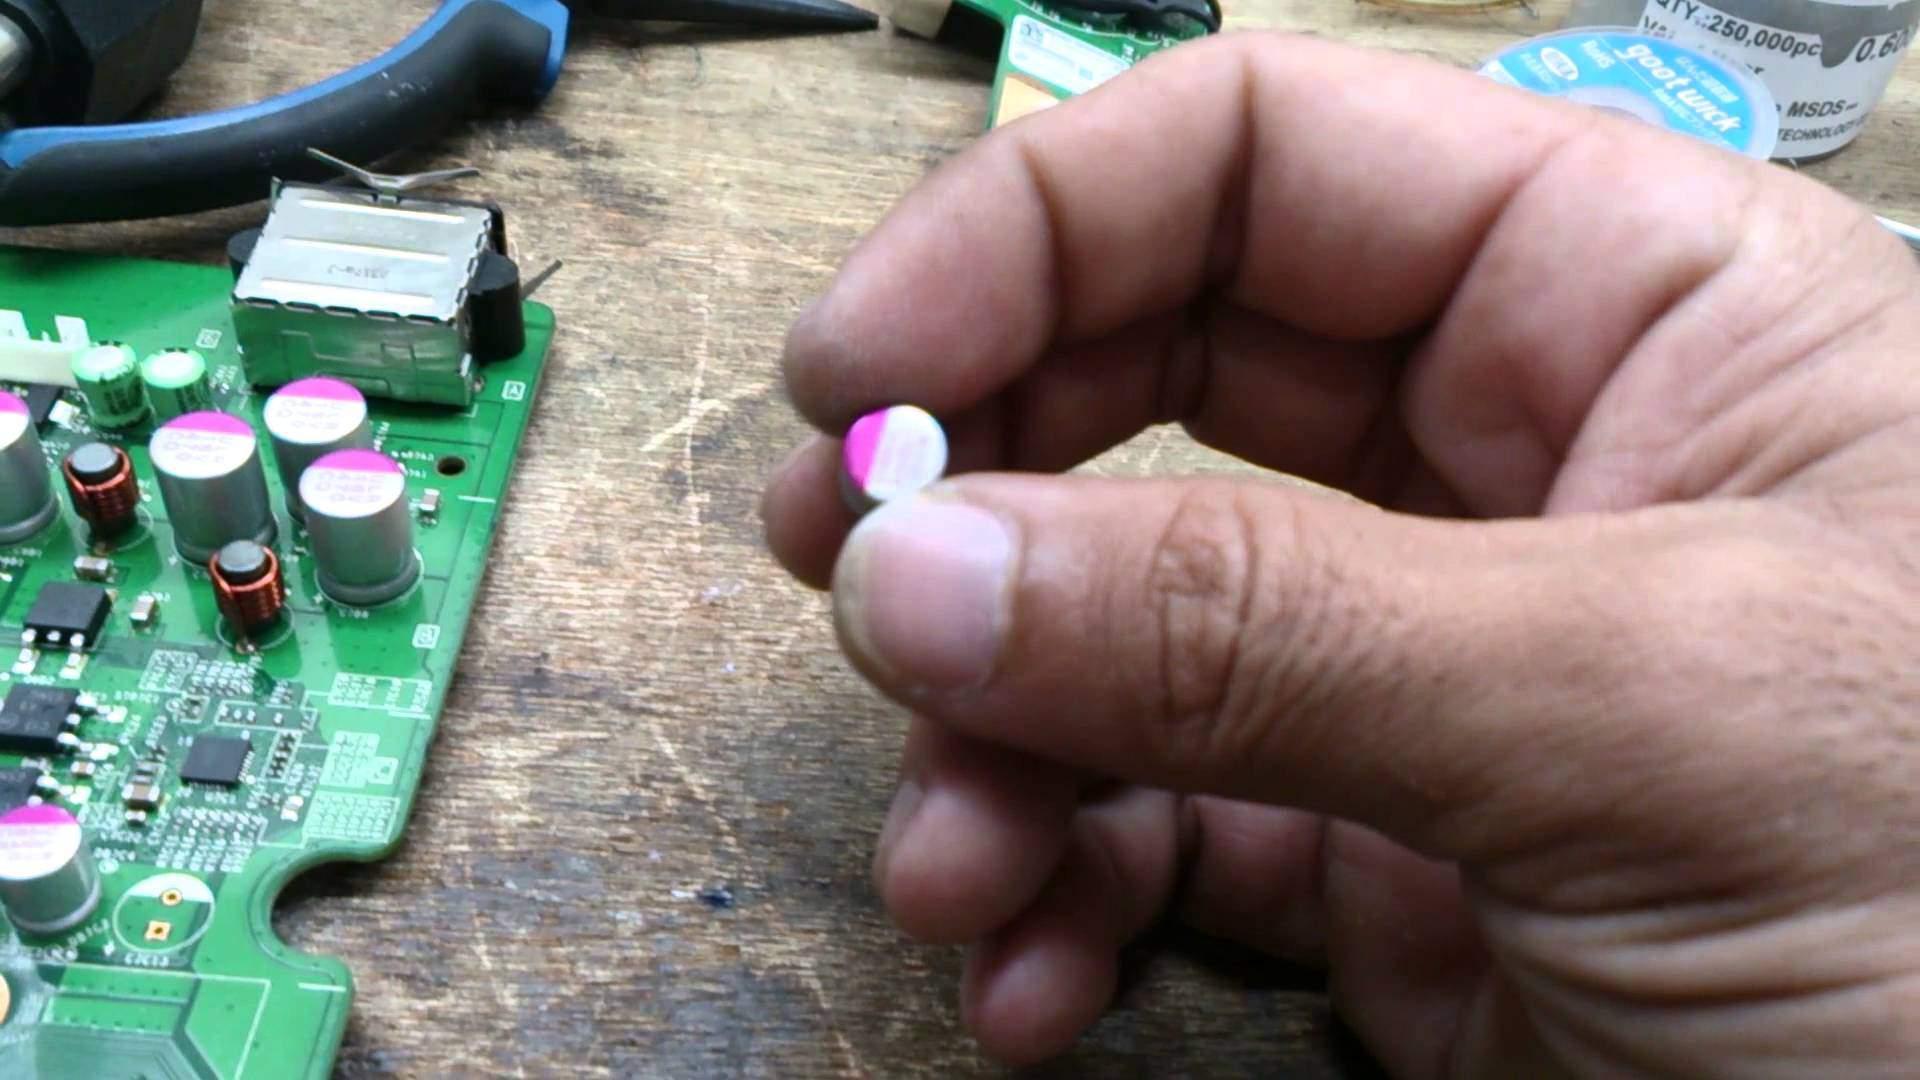 Xbox Slim Erro 0033 Capacitores 2 5 Volts 821 Uf Um Genio Com Br